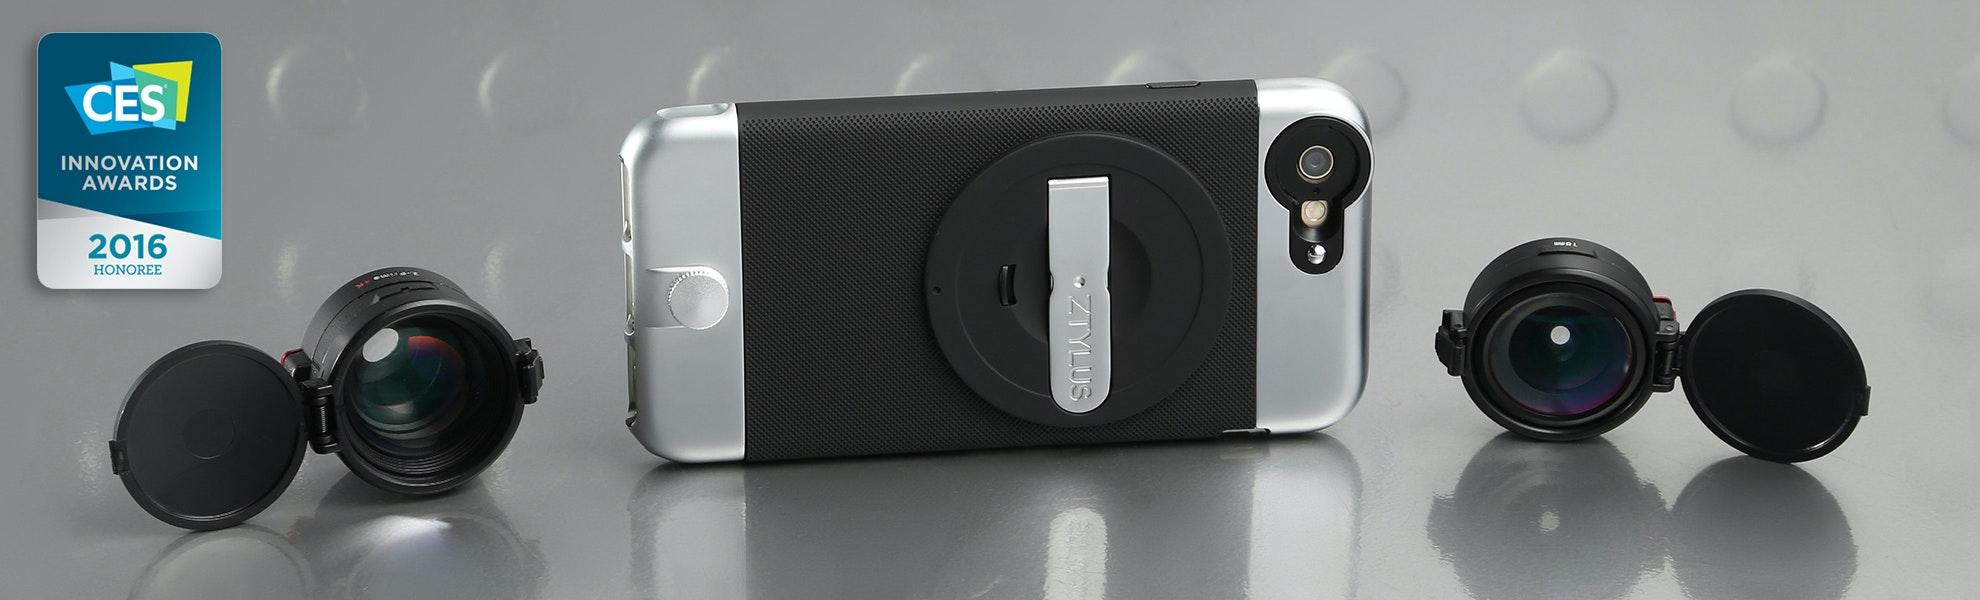 Ztylus Z-Prime Lens Kit